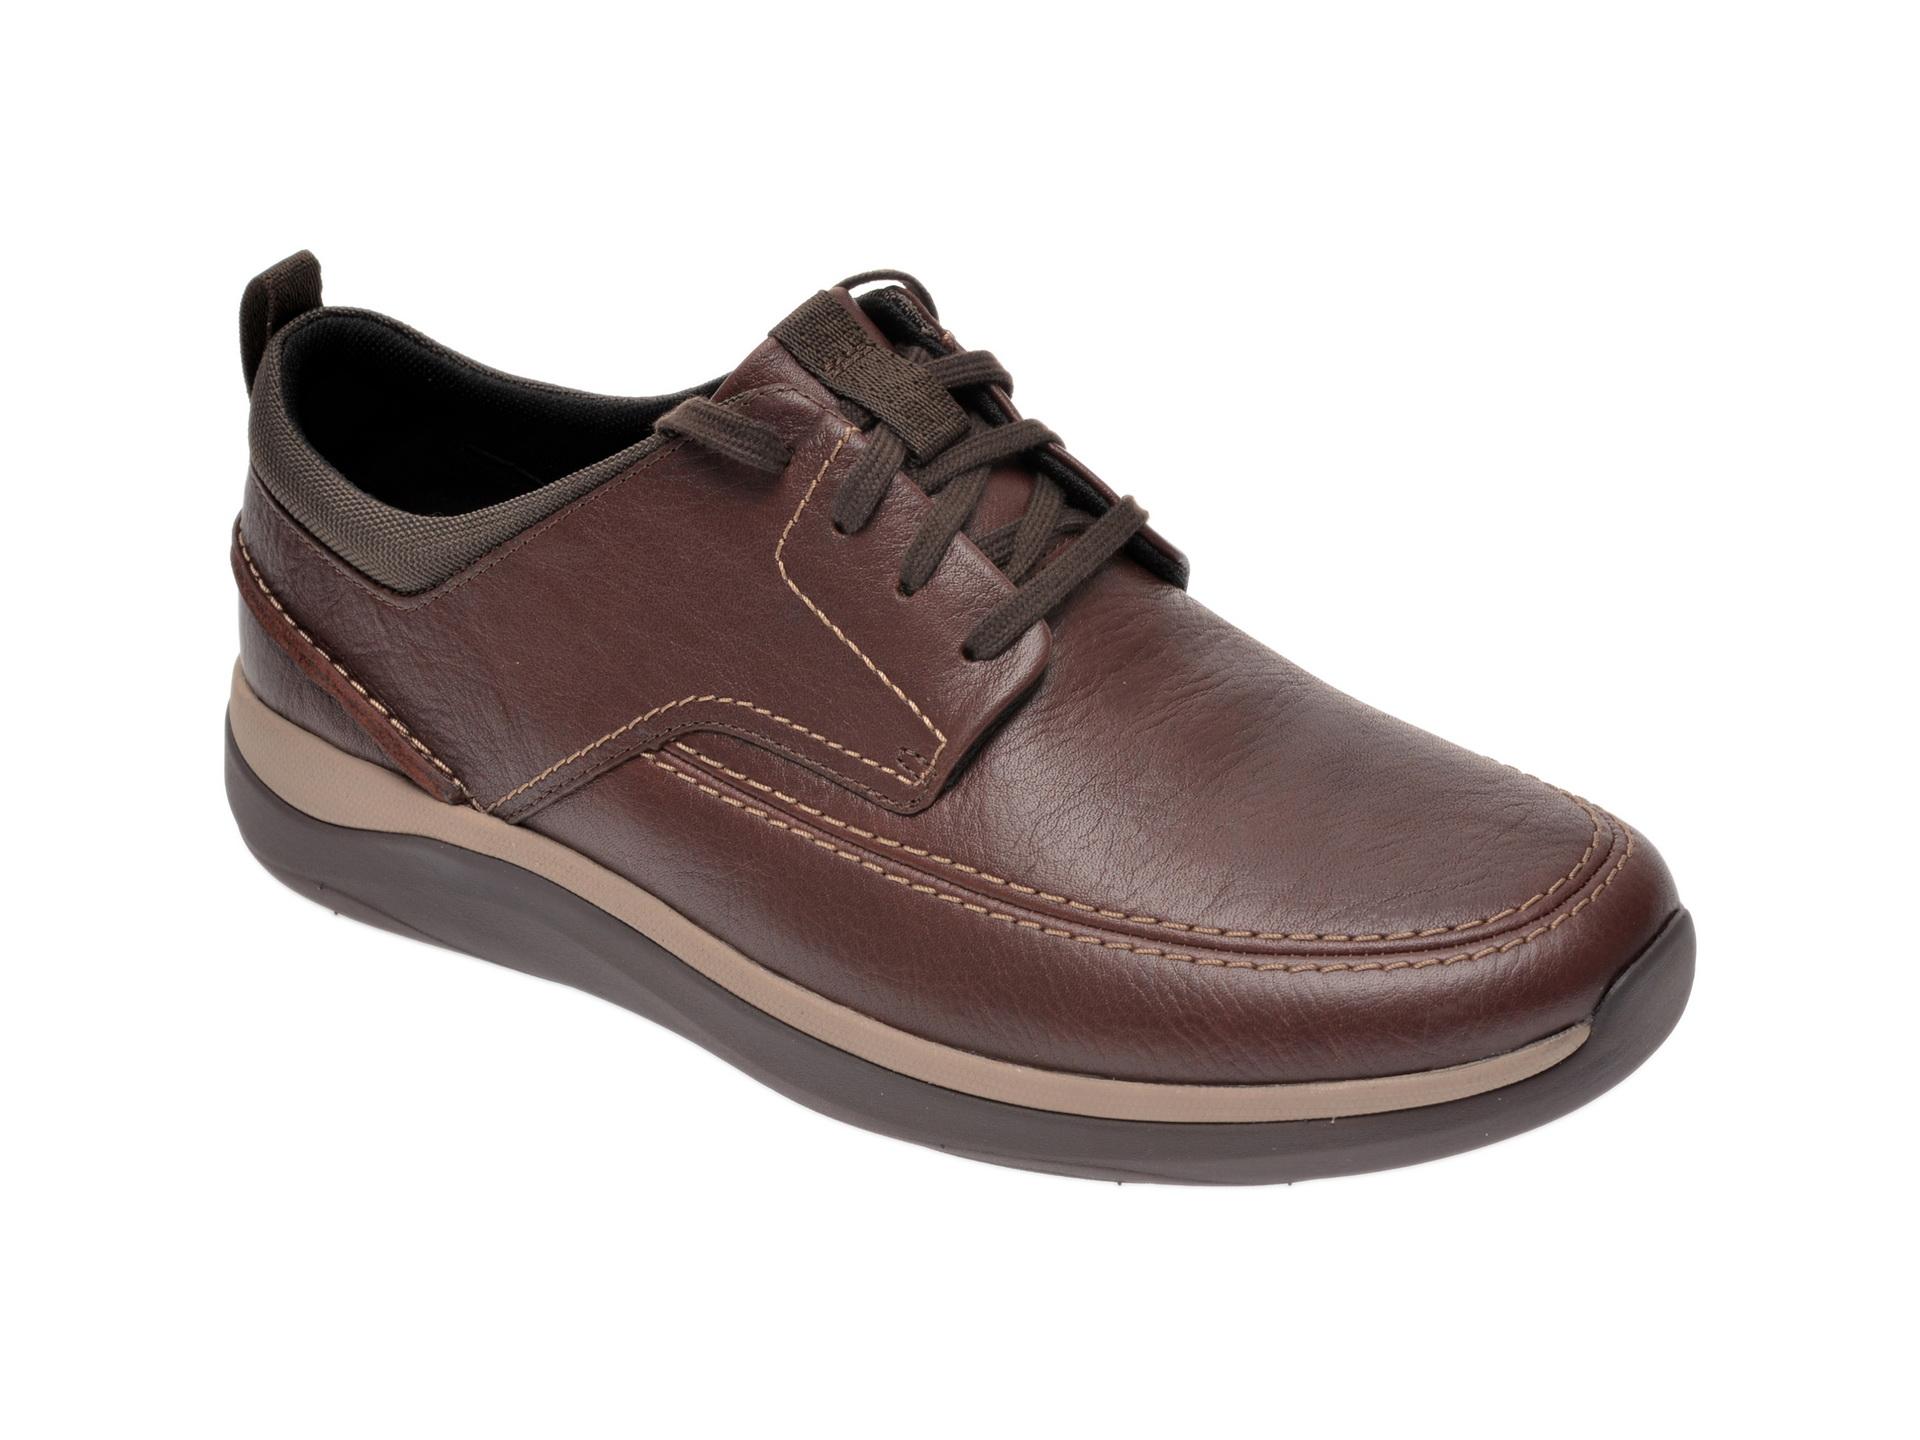 Pantofi CLARKS maro, Garratt Street, din piele naturala imagine otter.ro